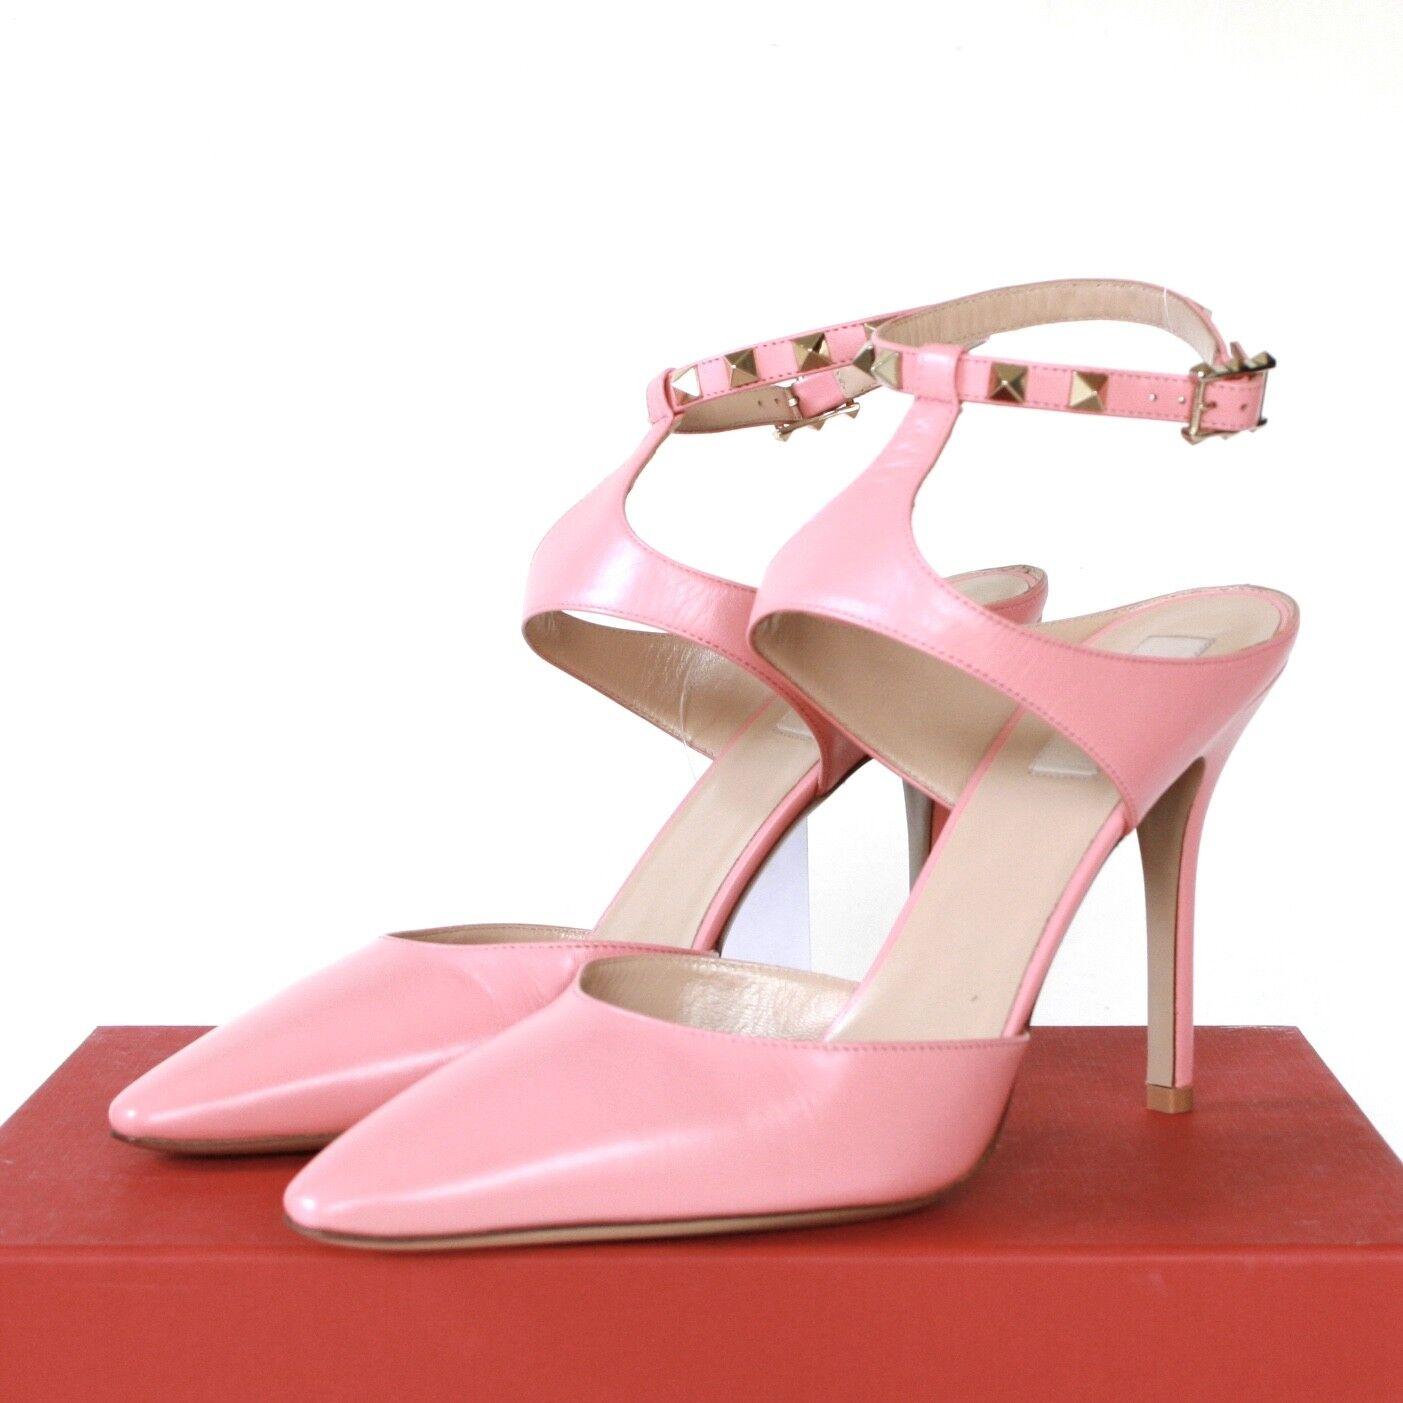 grandi prezzi scontati VALENTINO GARAVANI rosa leather leather leather rockstud pointed toe high heel stud scarpe 40 NEW  forniamo il meglio